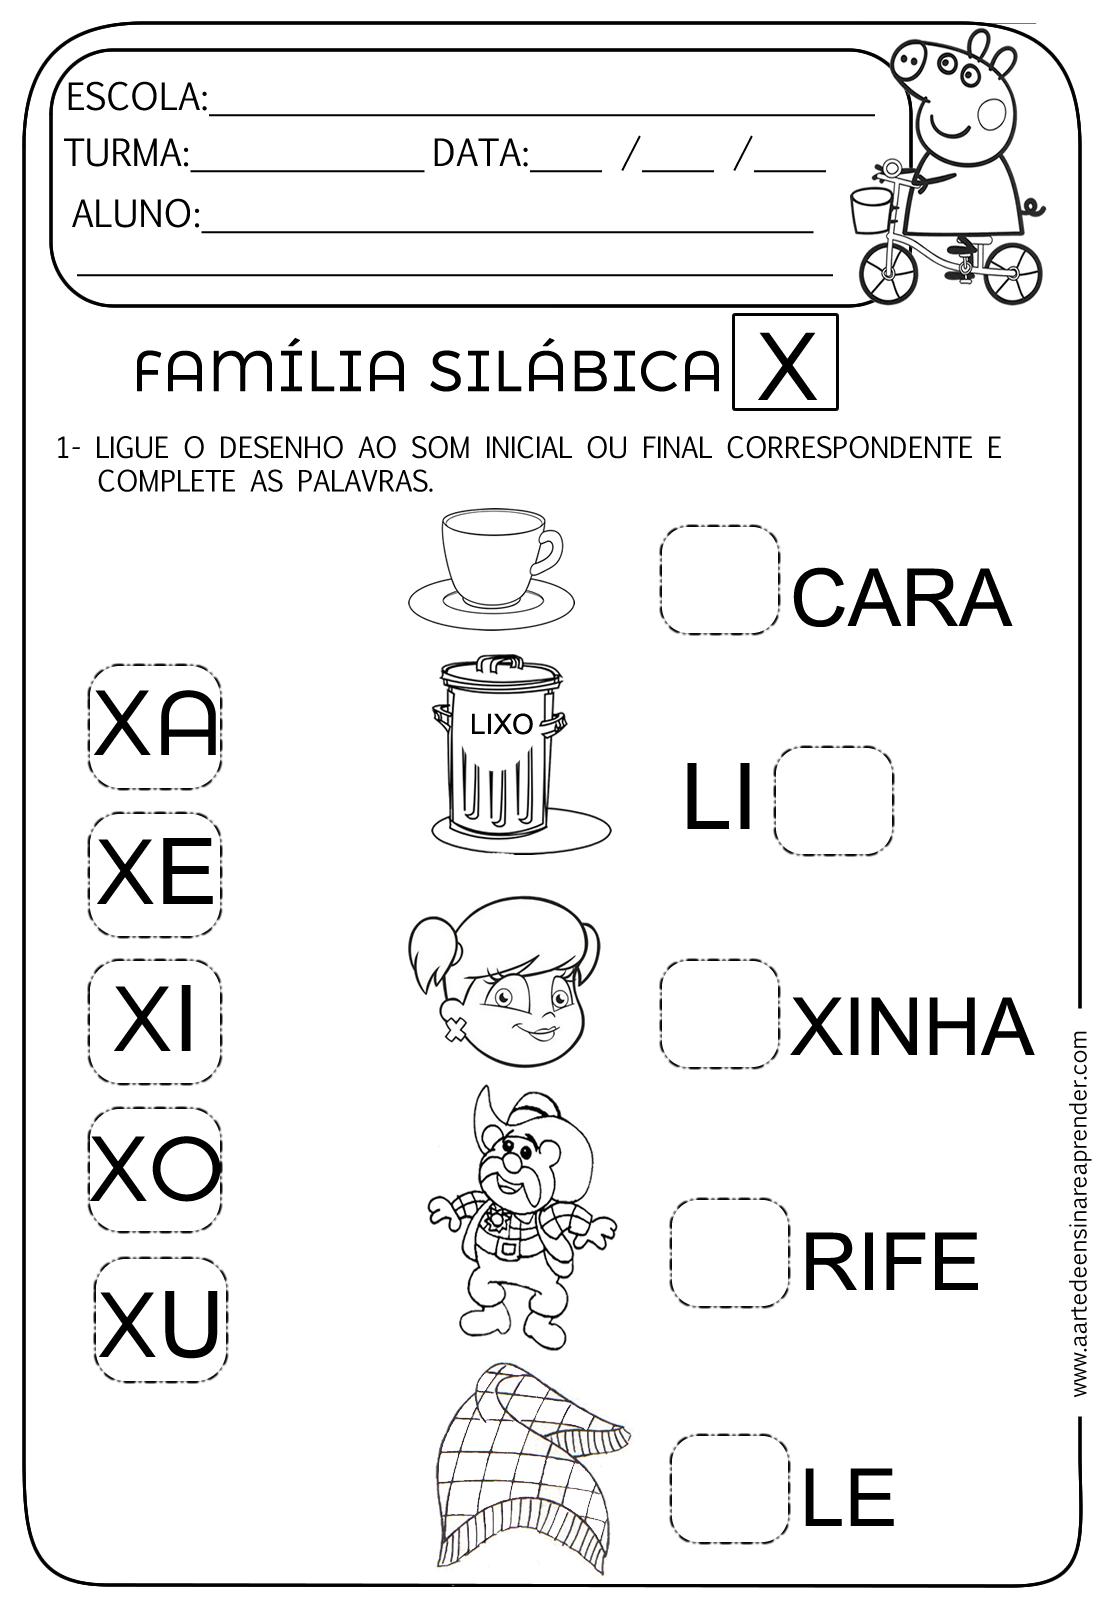 atividades de alfabetização para educação infantil que fala sobre